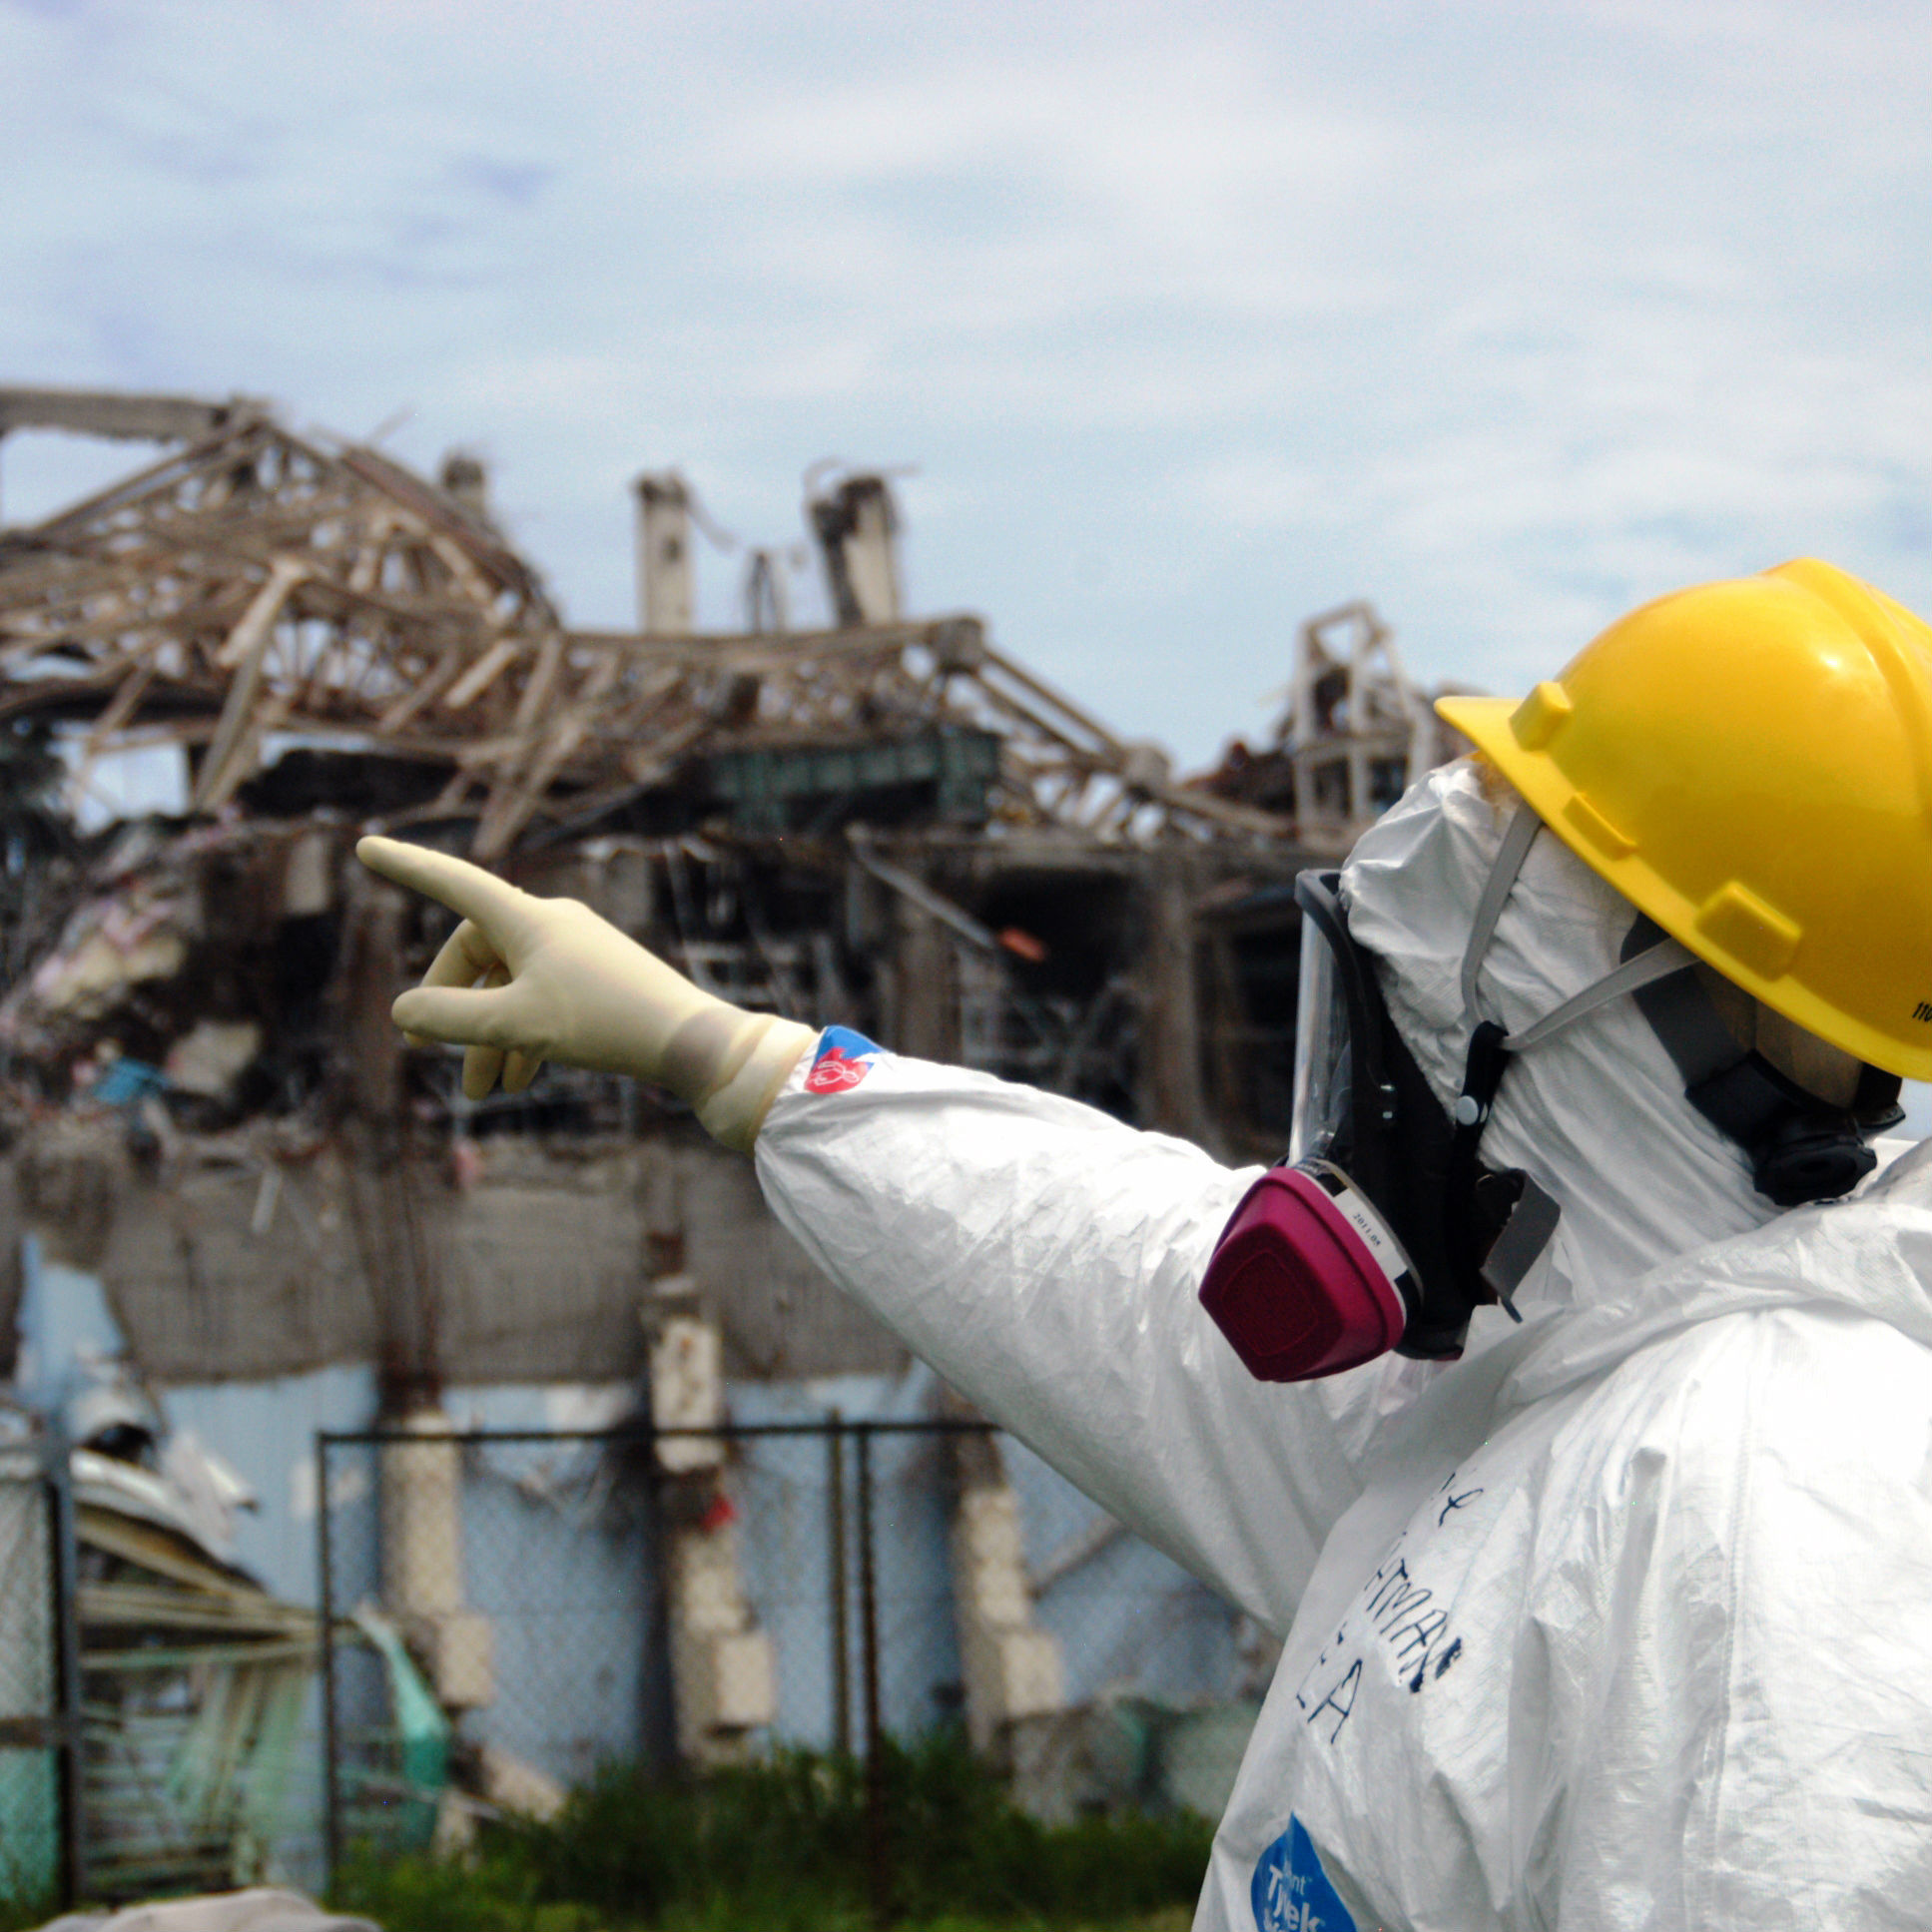 「原発は利益の問題ではなく生き方の問題である」南相馬在住作家・柳美里が突きつける、原子力政策の誤り